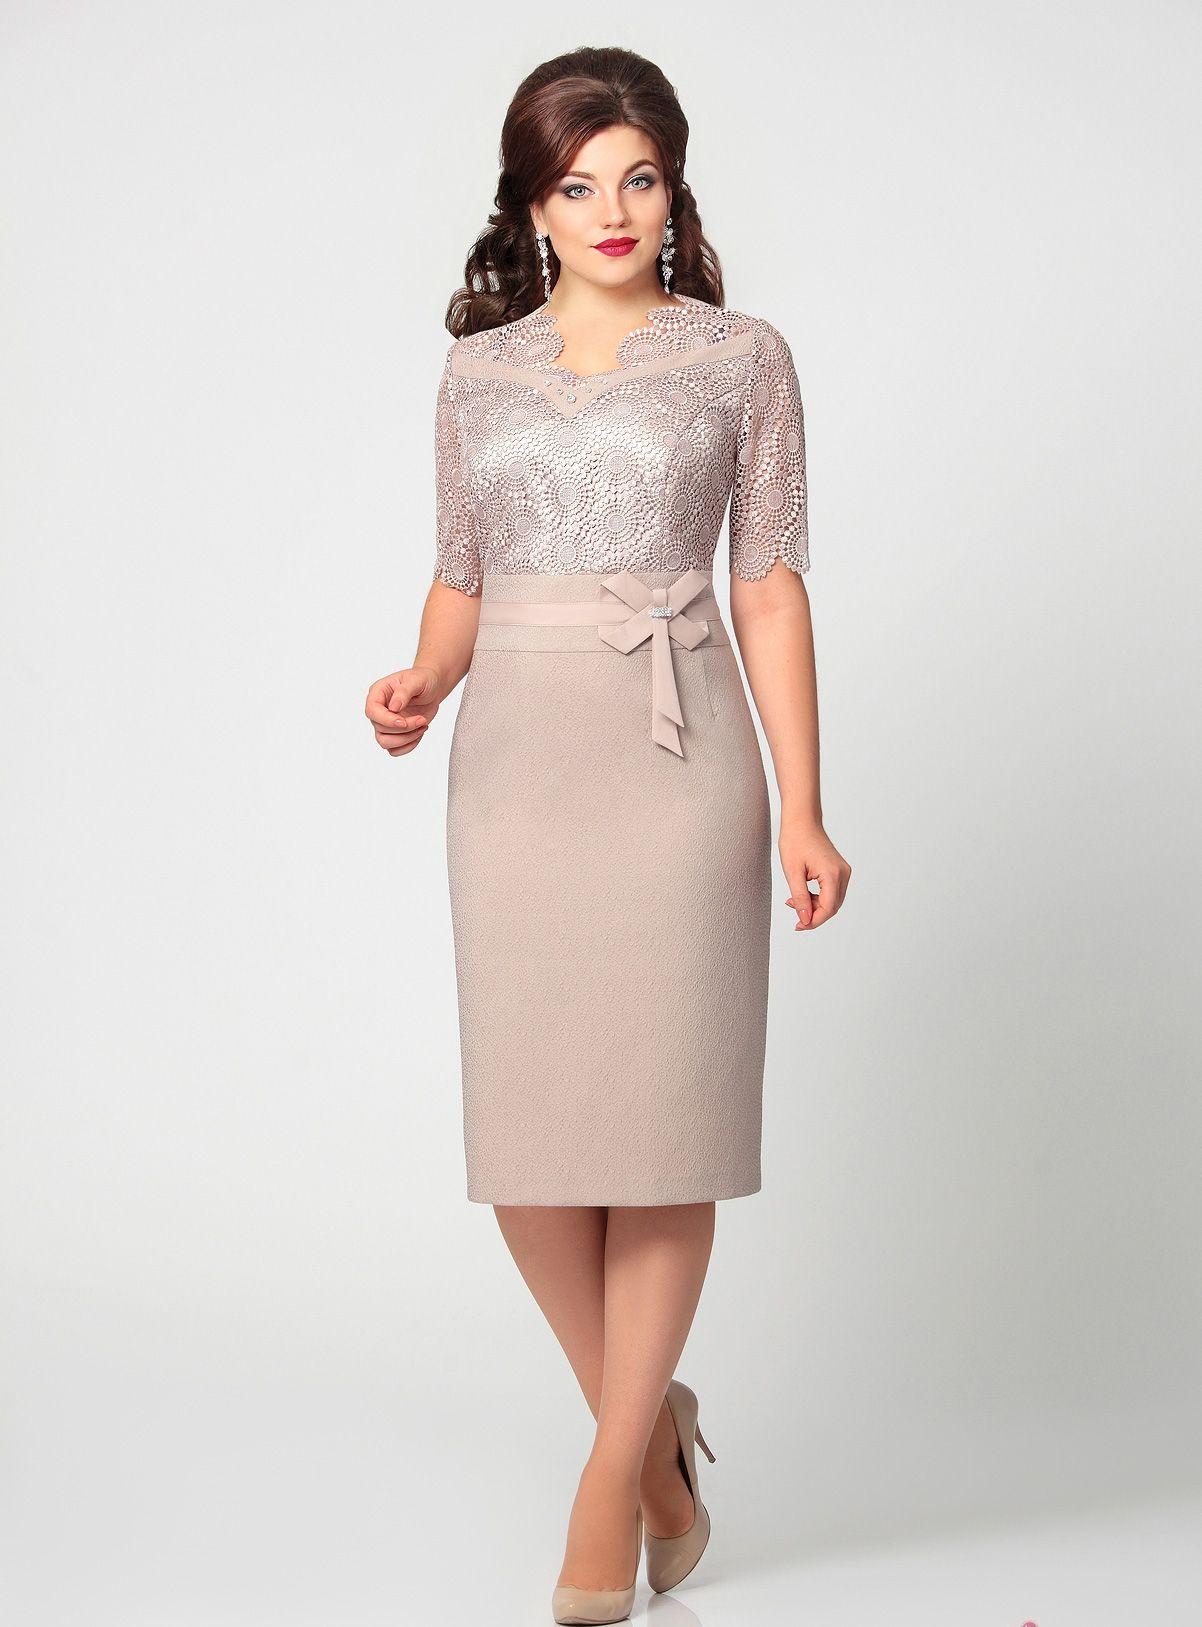 Фото офисных летних платьев производства беларусь